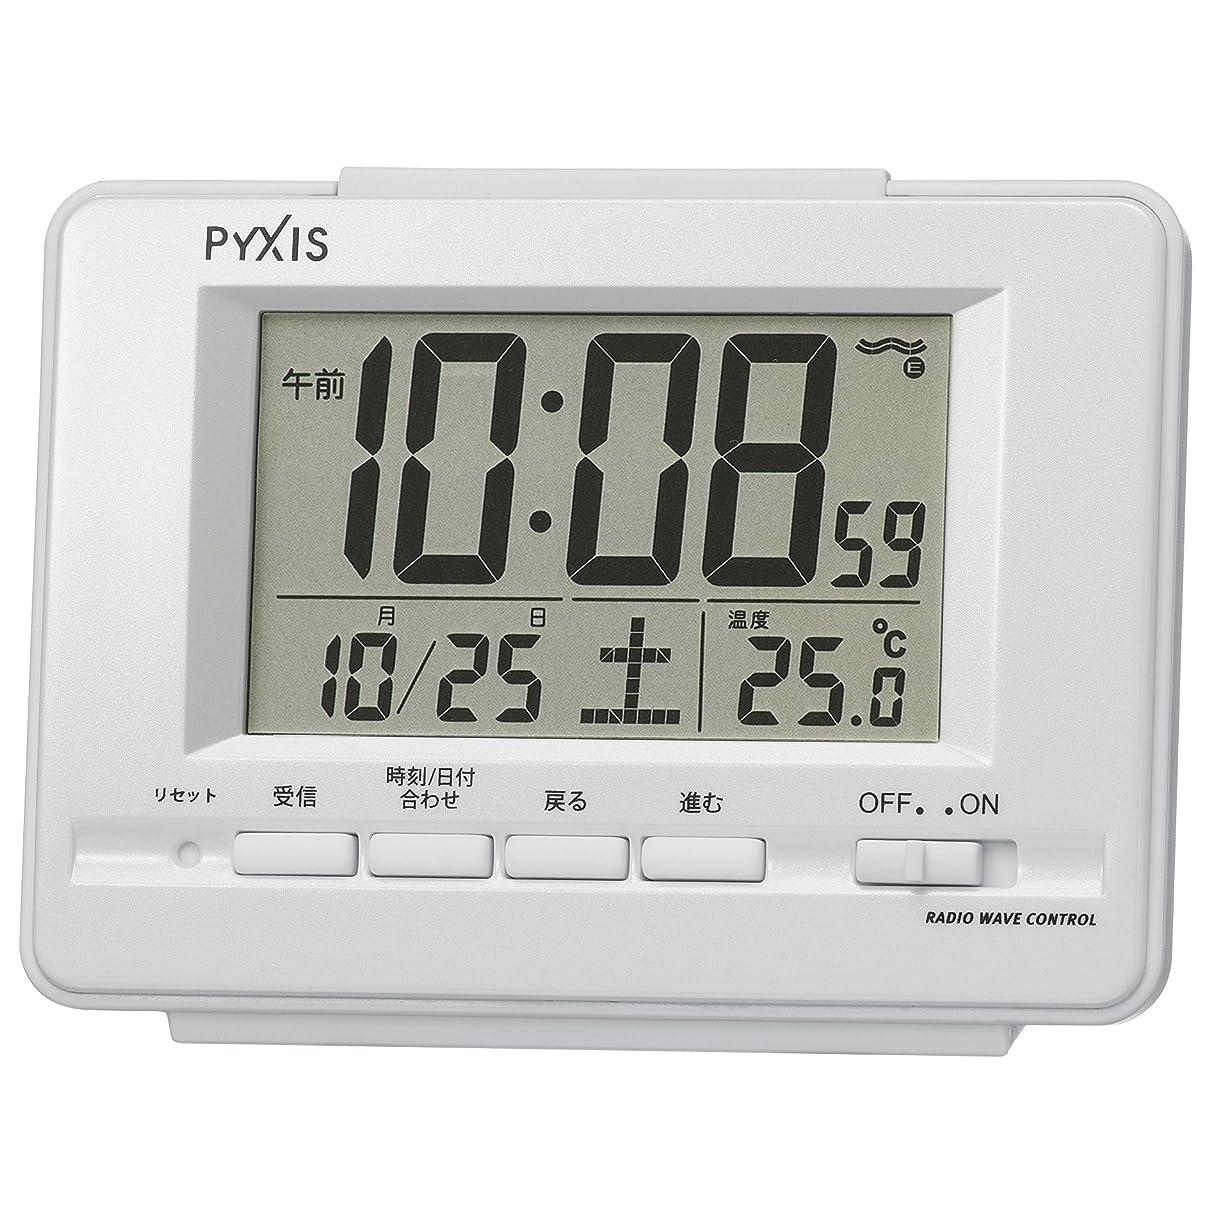 トーナメントごちそうカルシウムセイコー クロック 目覚まし時計 電波 デジタル カレンダー 温度 表示 PYXIS ピクシス 白 パール NR535H SEIKO